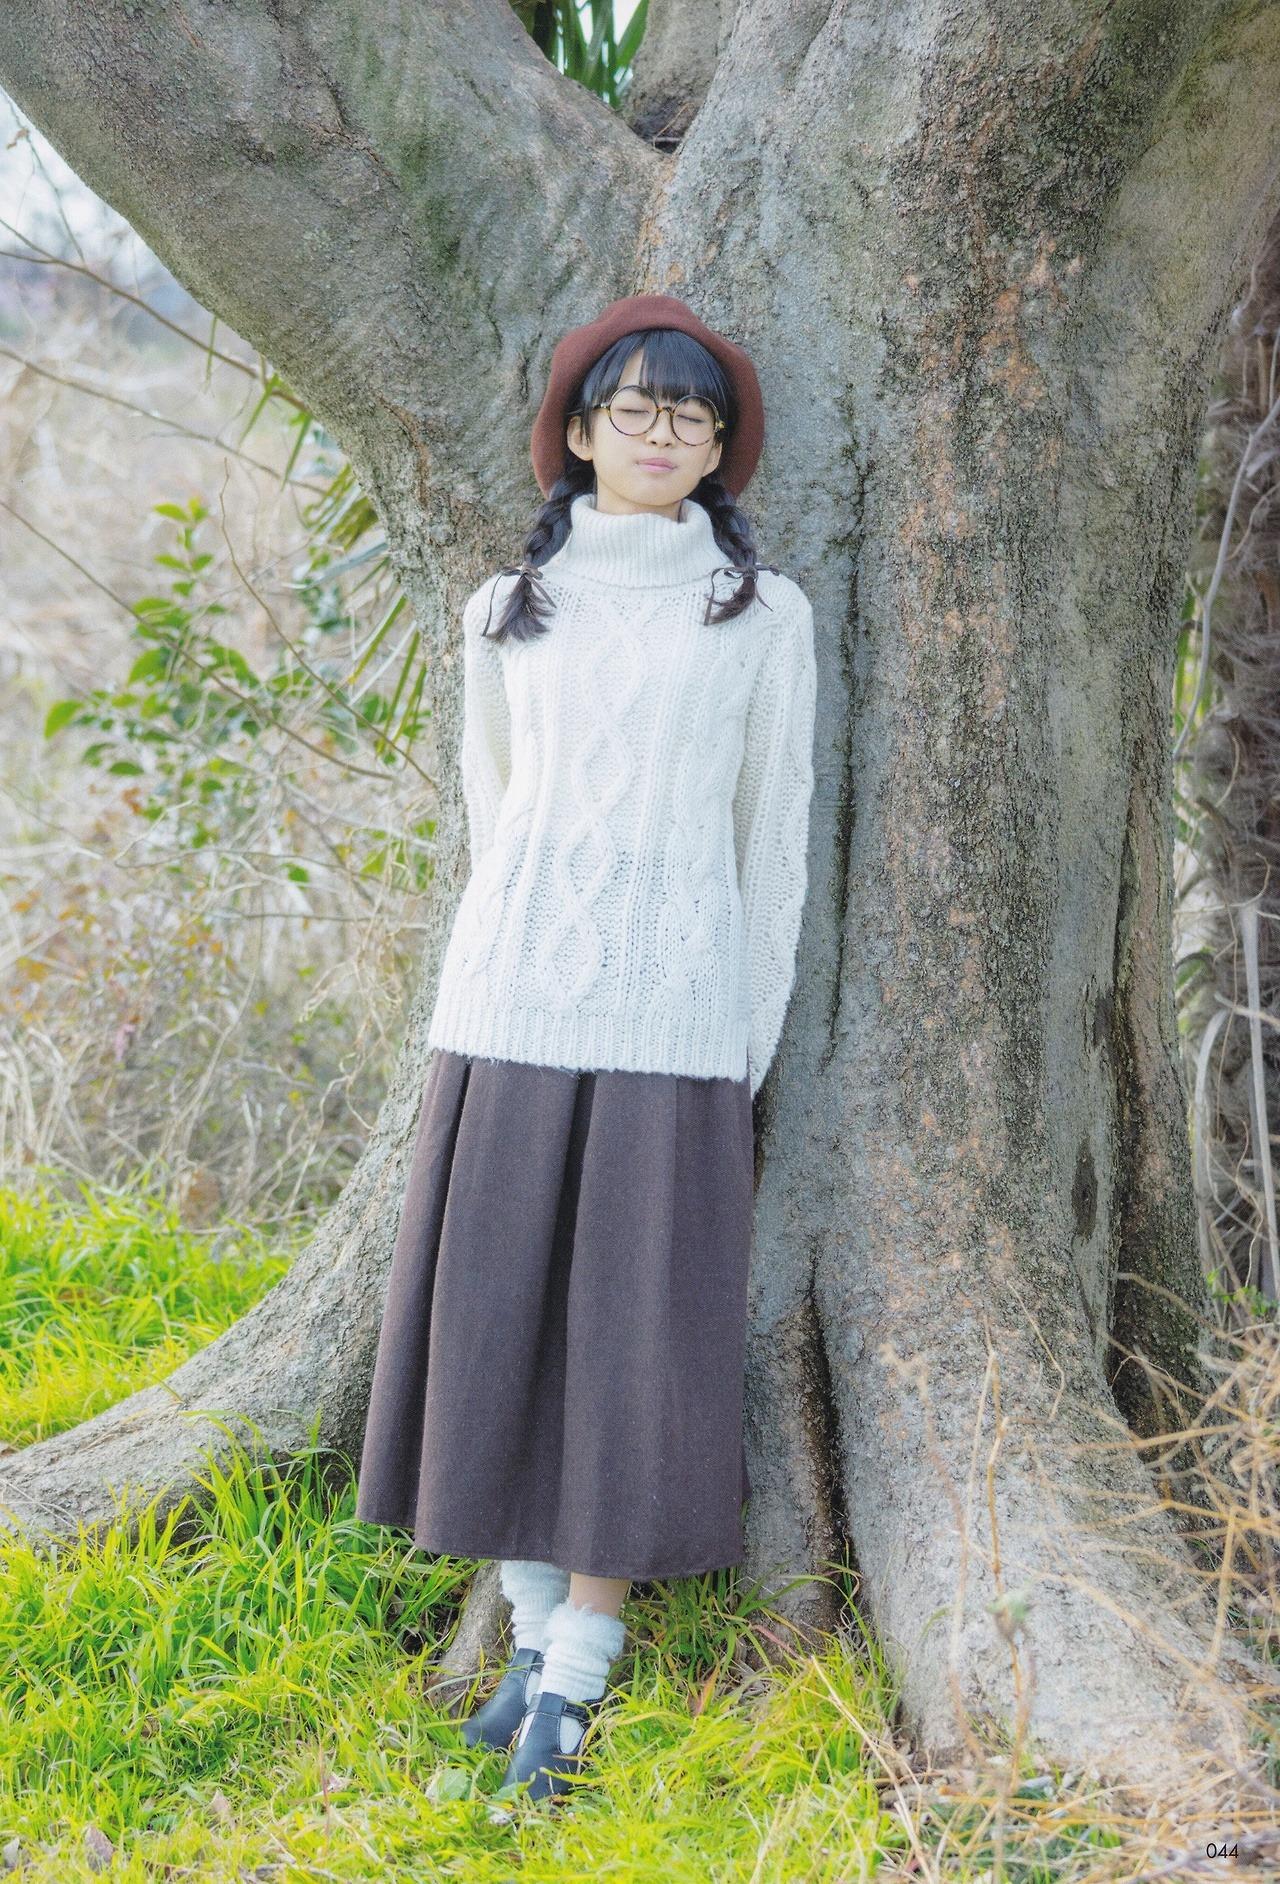 大きな木に寄り掛かっているメガネ姿の原田葵の画像